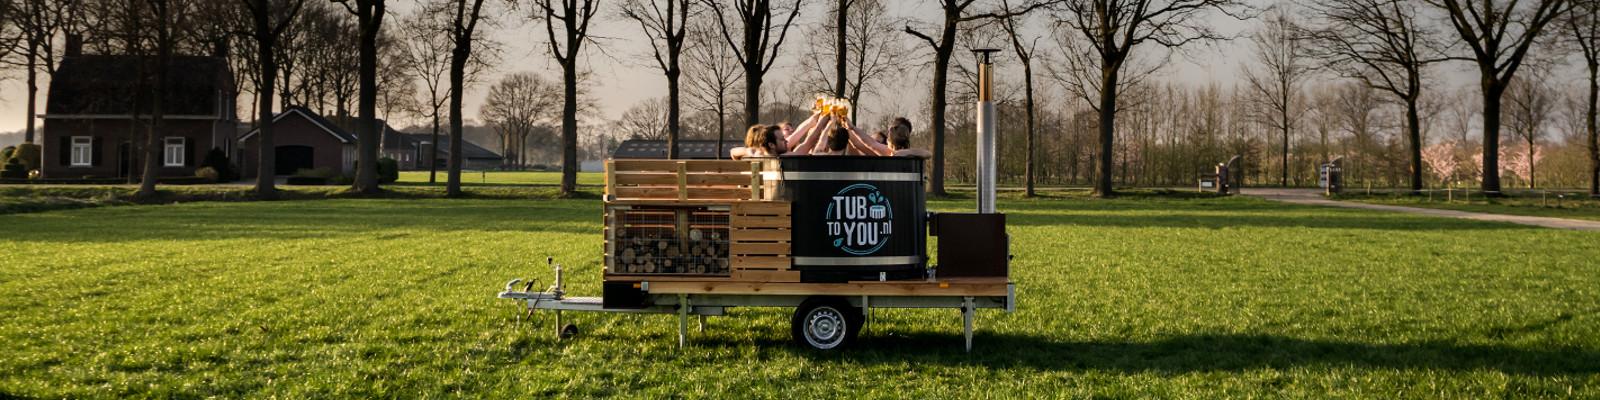 Deze afbeelding laat de mobiele hottub van Tubtoyou zien in een weiland, waarbij jonge mensen proostend genieten van een comfortabel mobiel bad